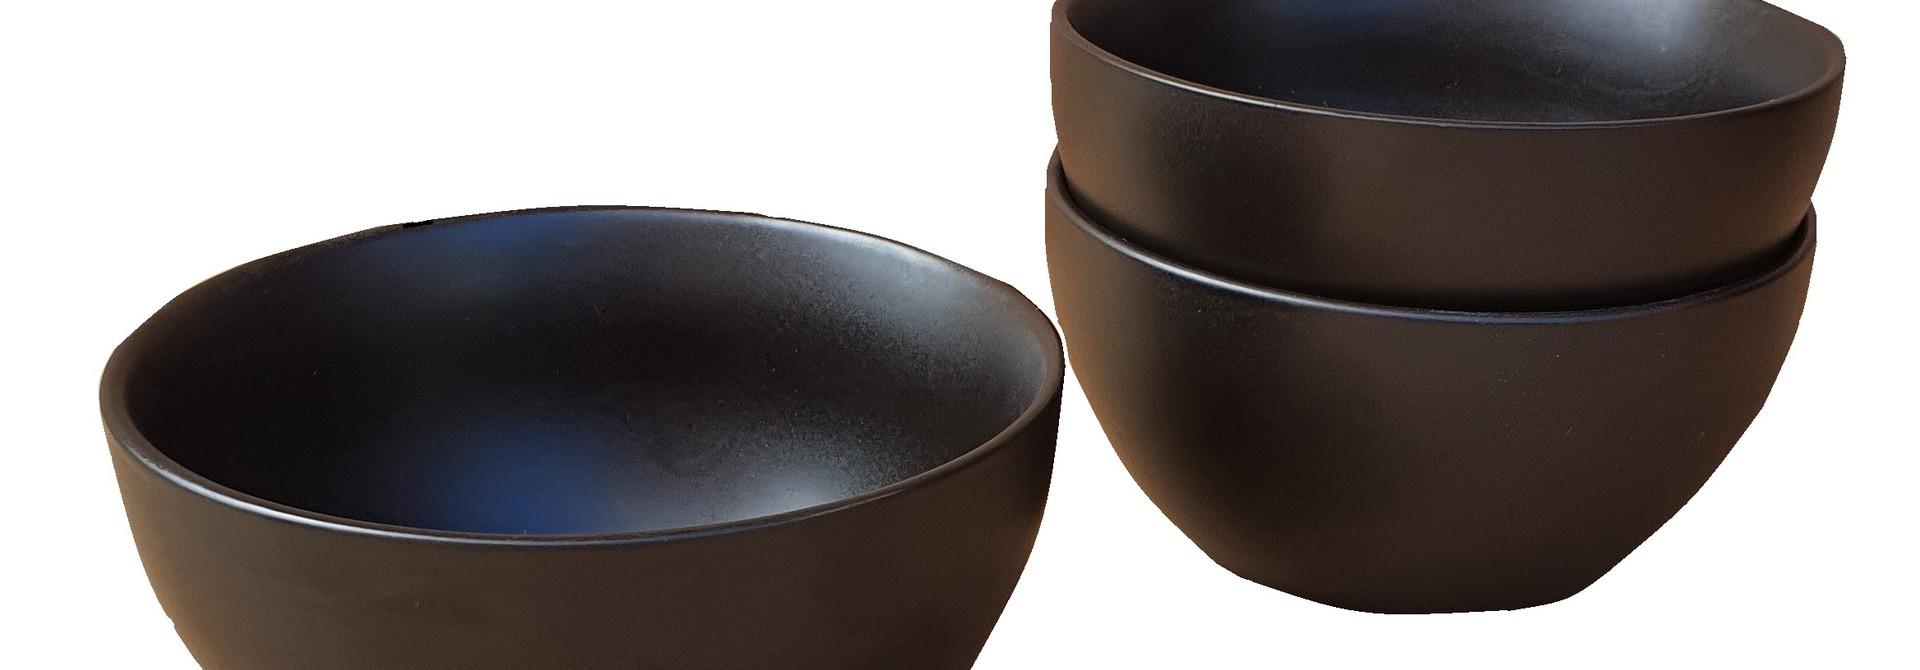 pot ceramic bowl black 14 cm